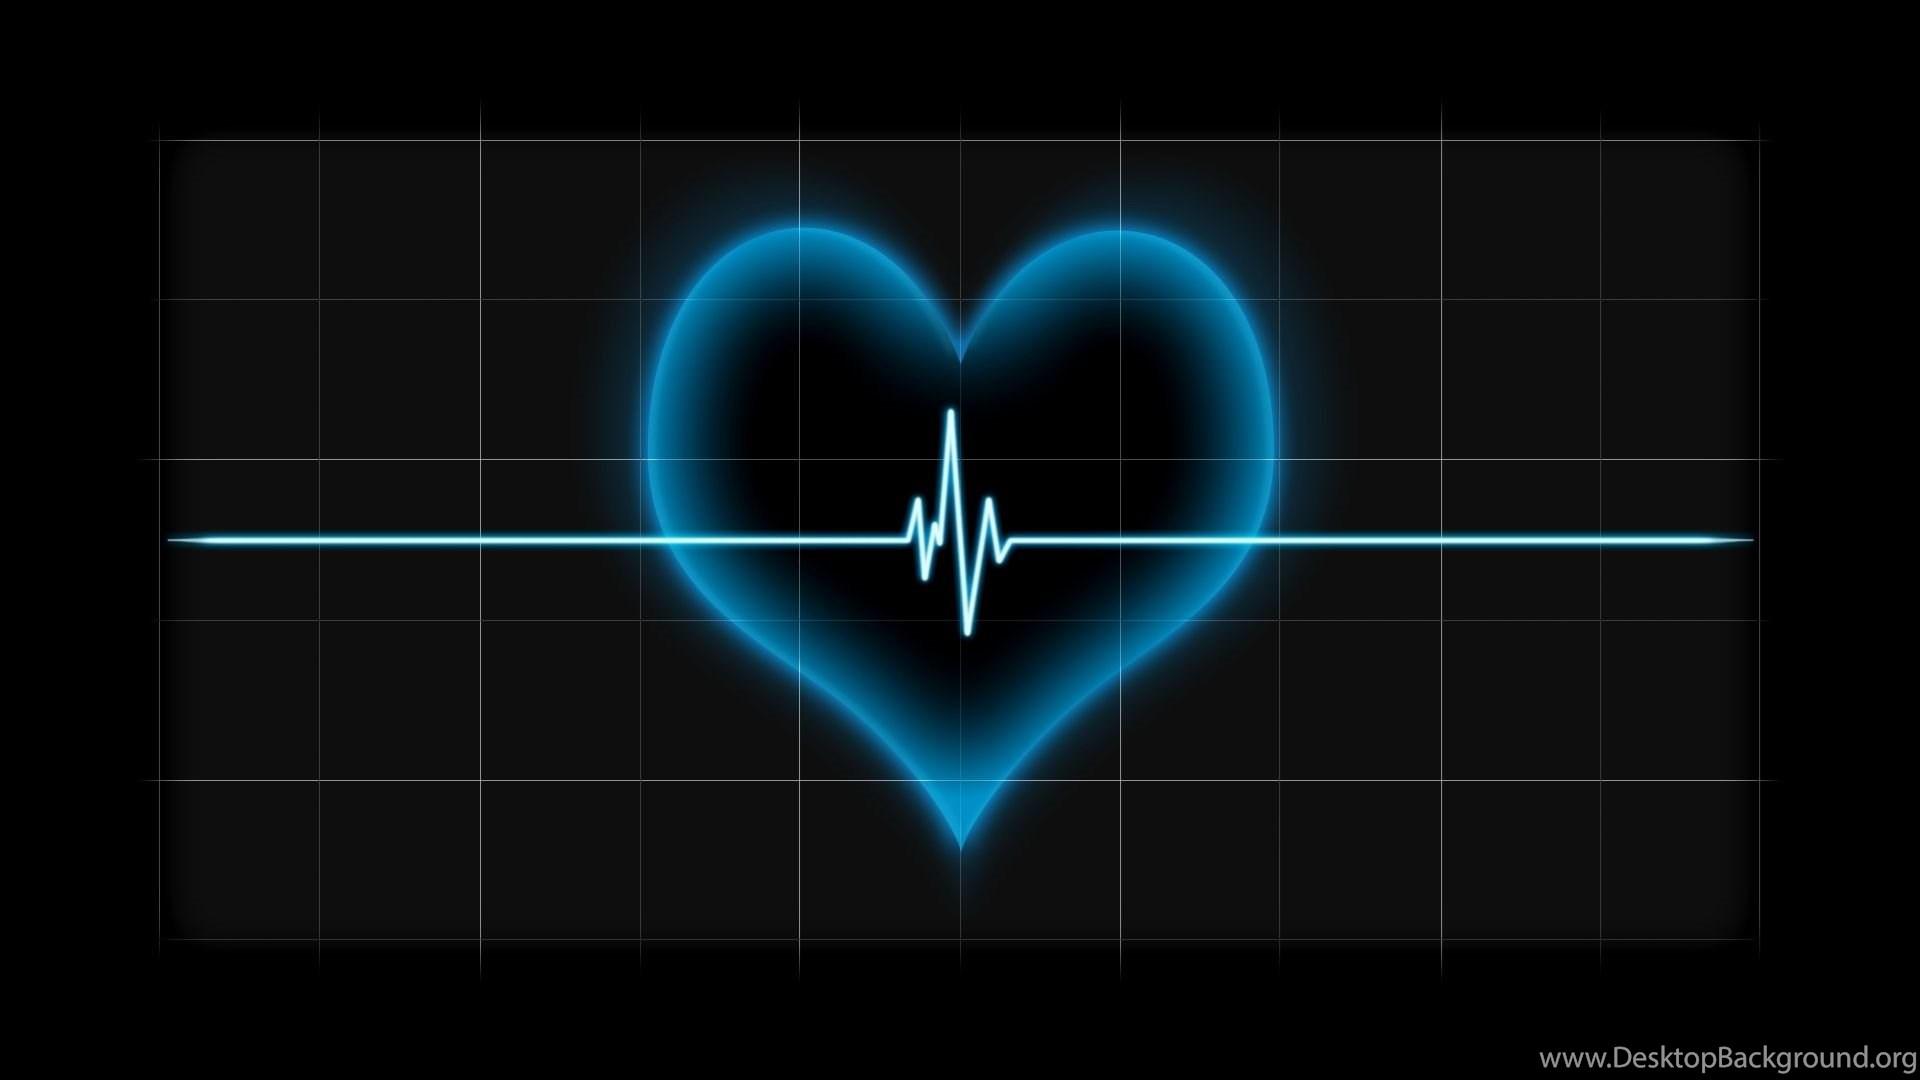 Heartbeat Wallpapers Desktop Background